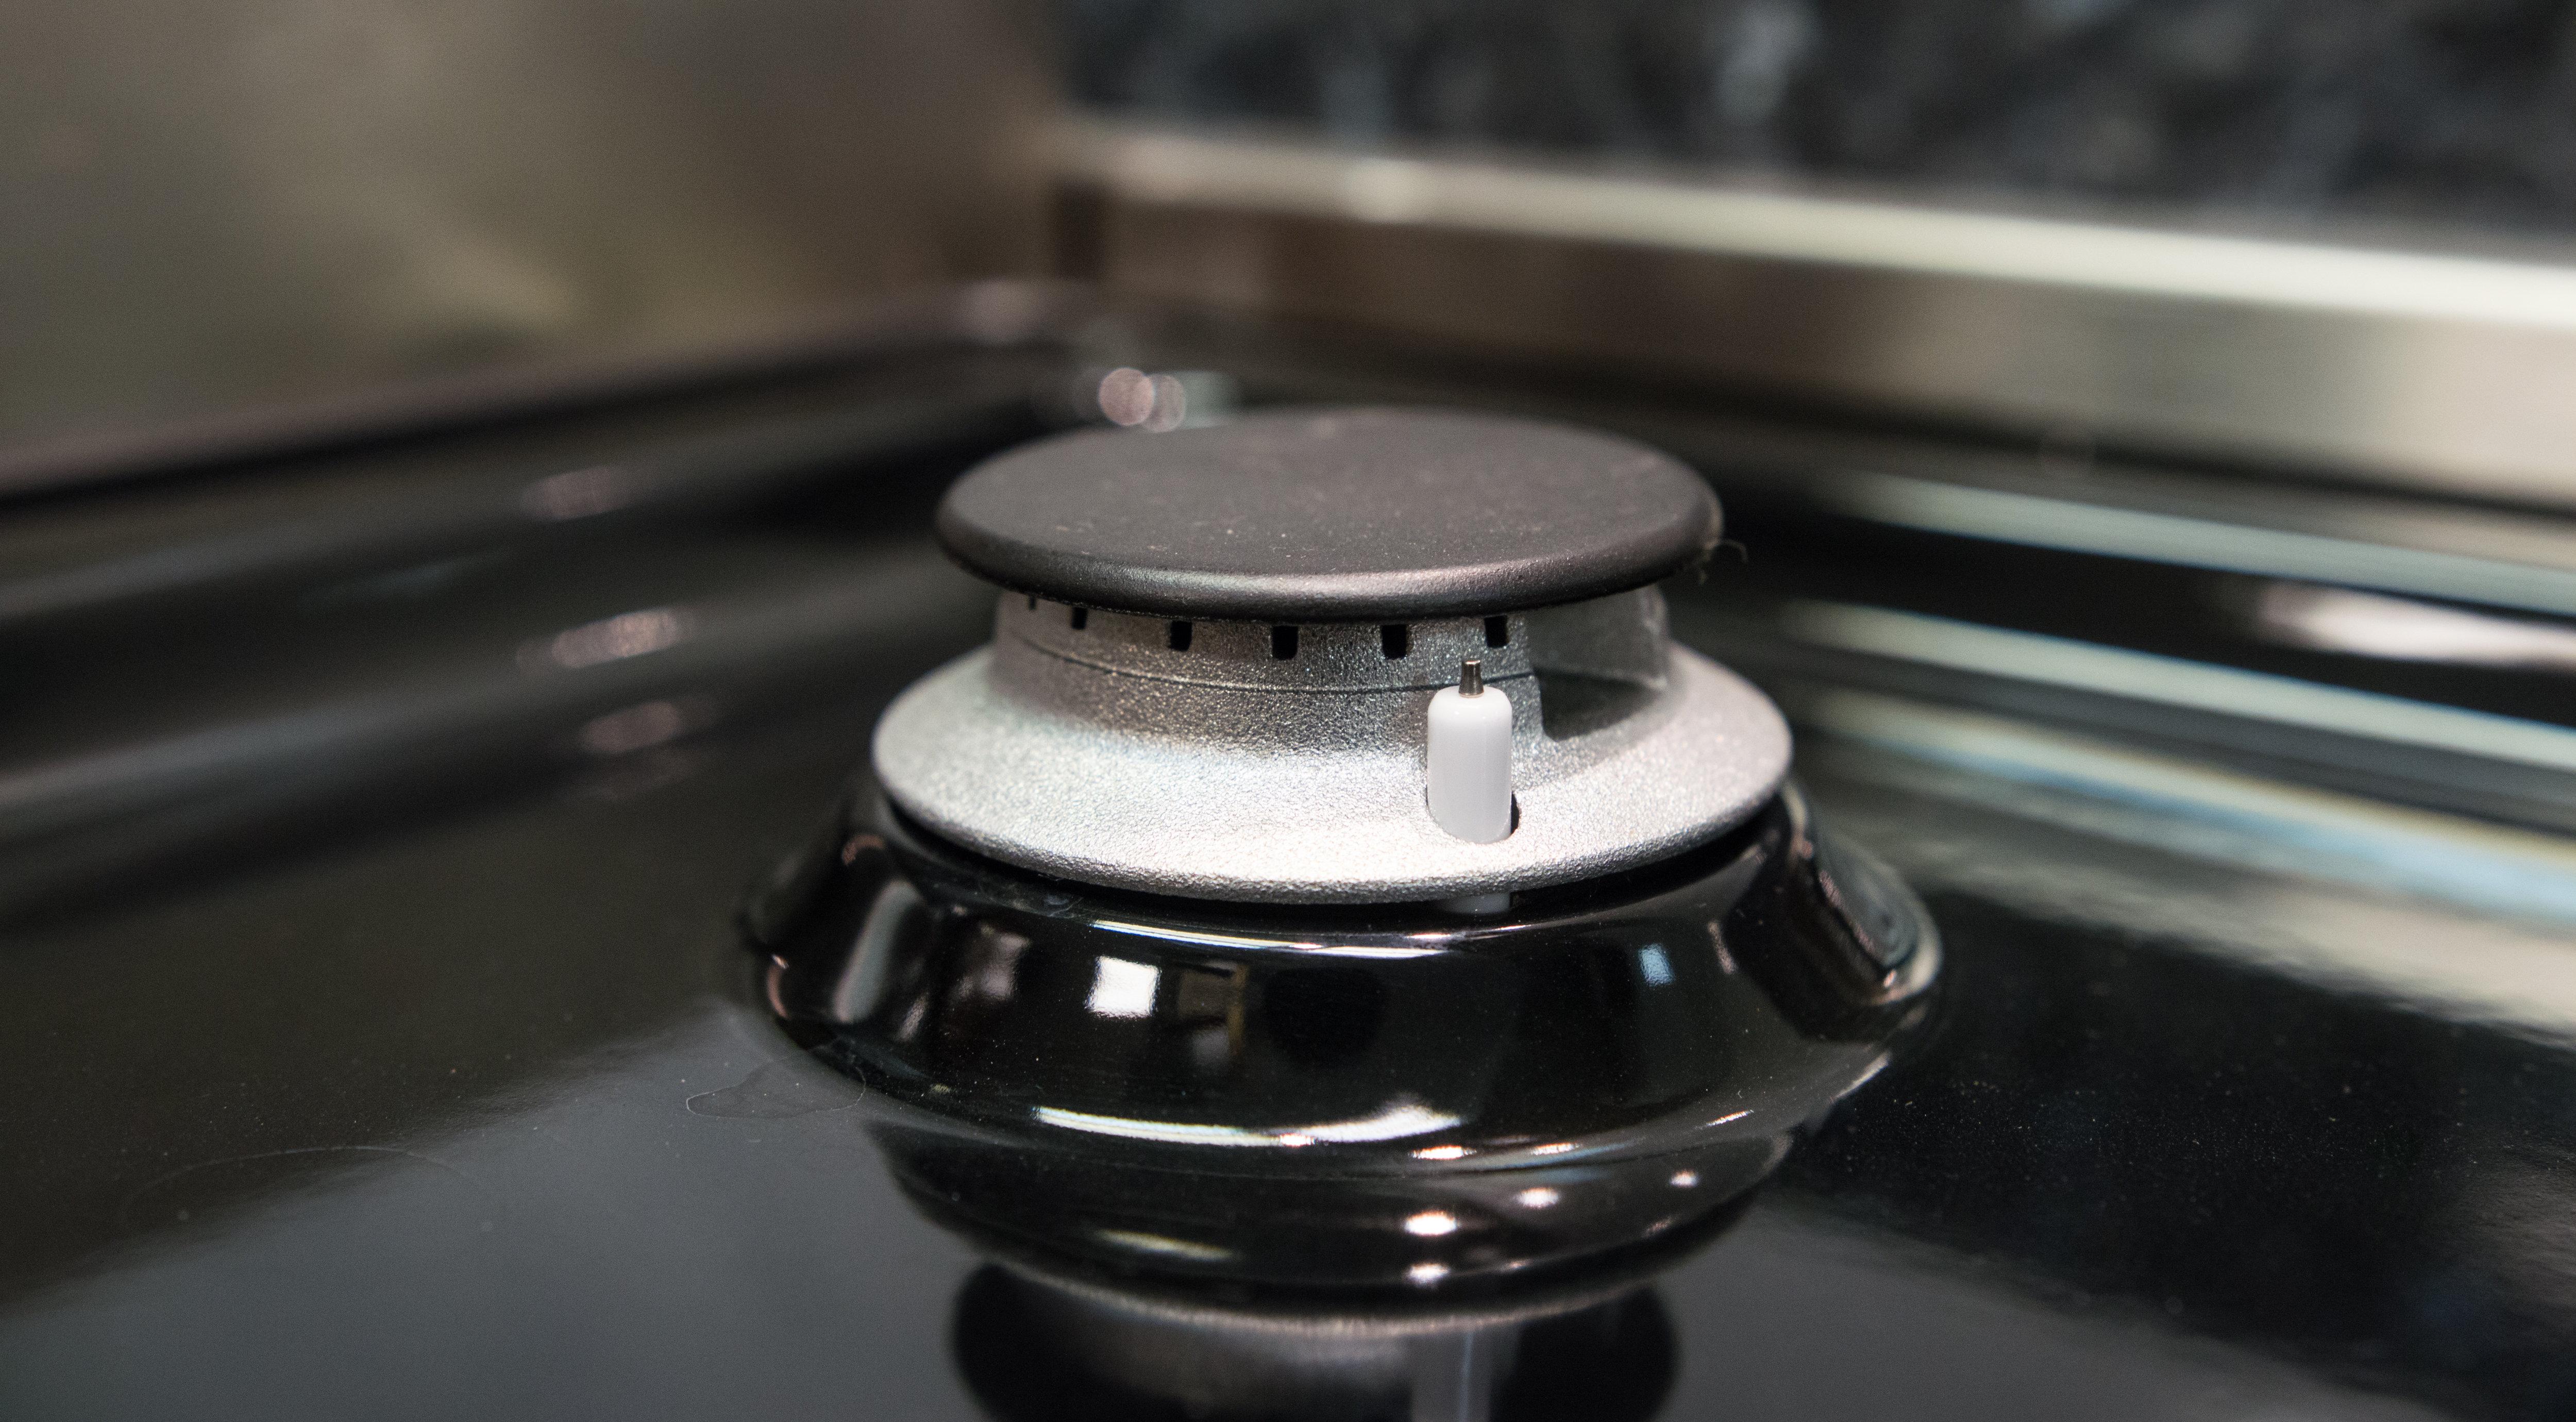 Right rear simmer burner